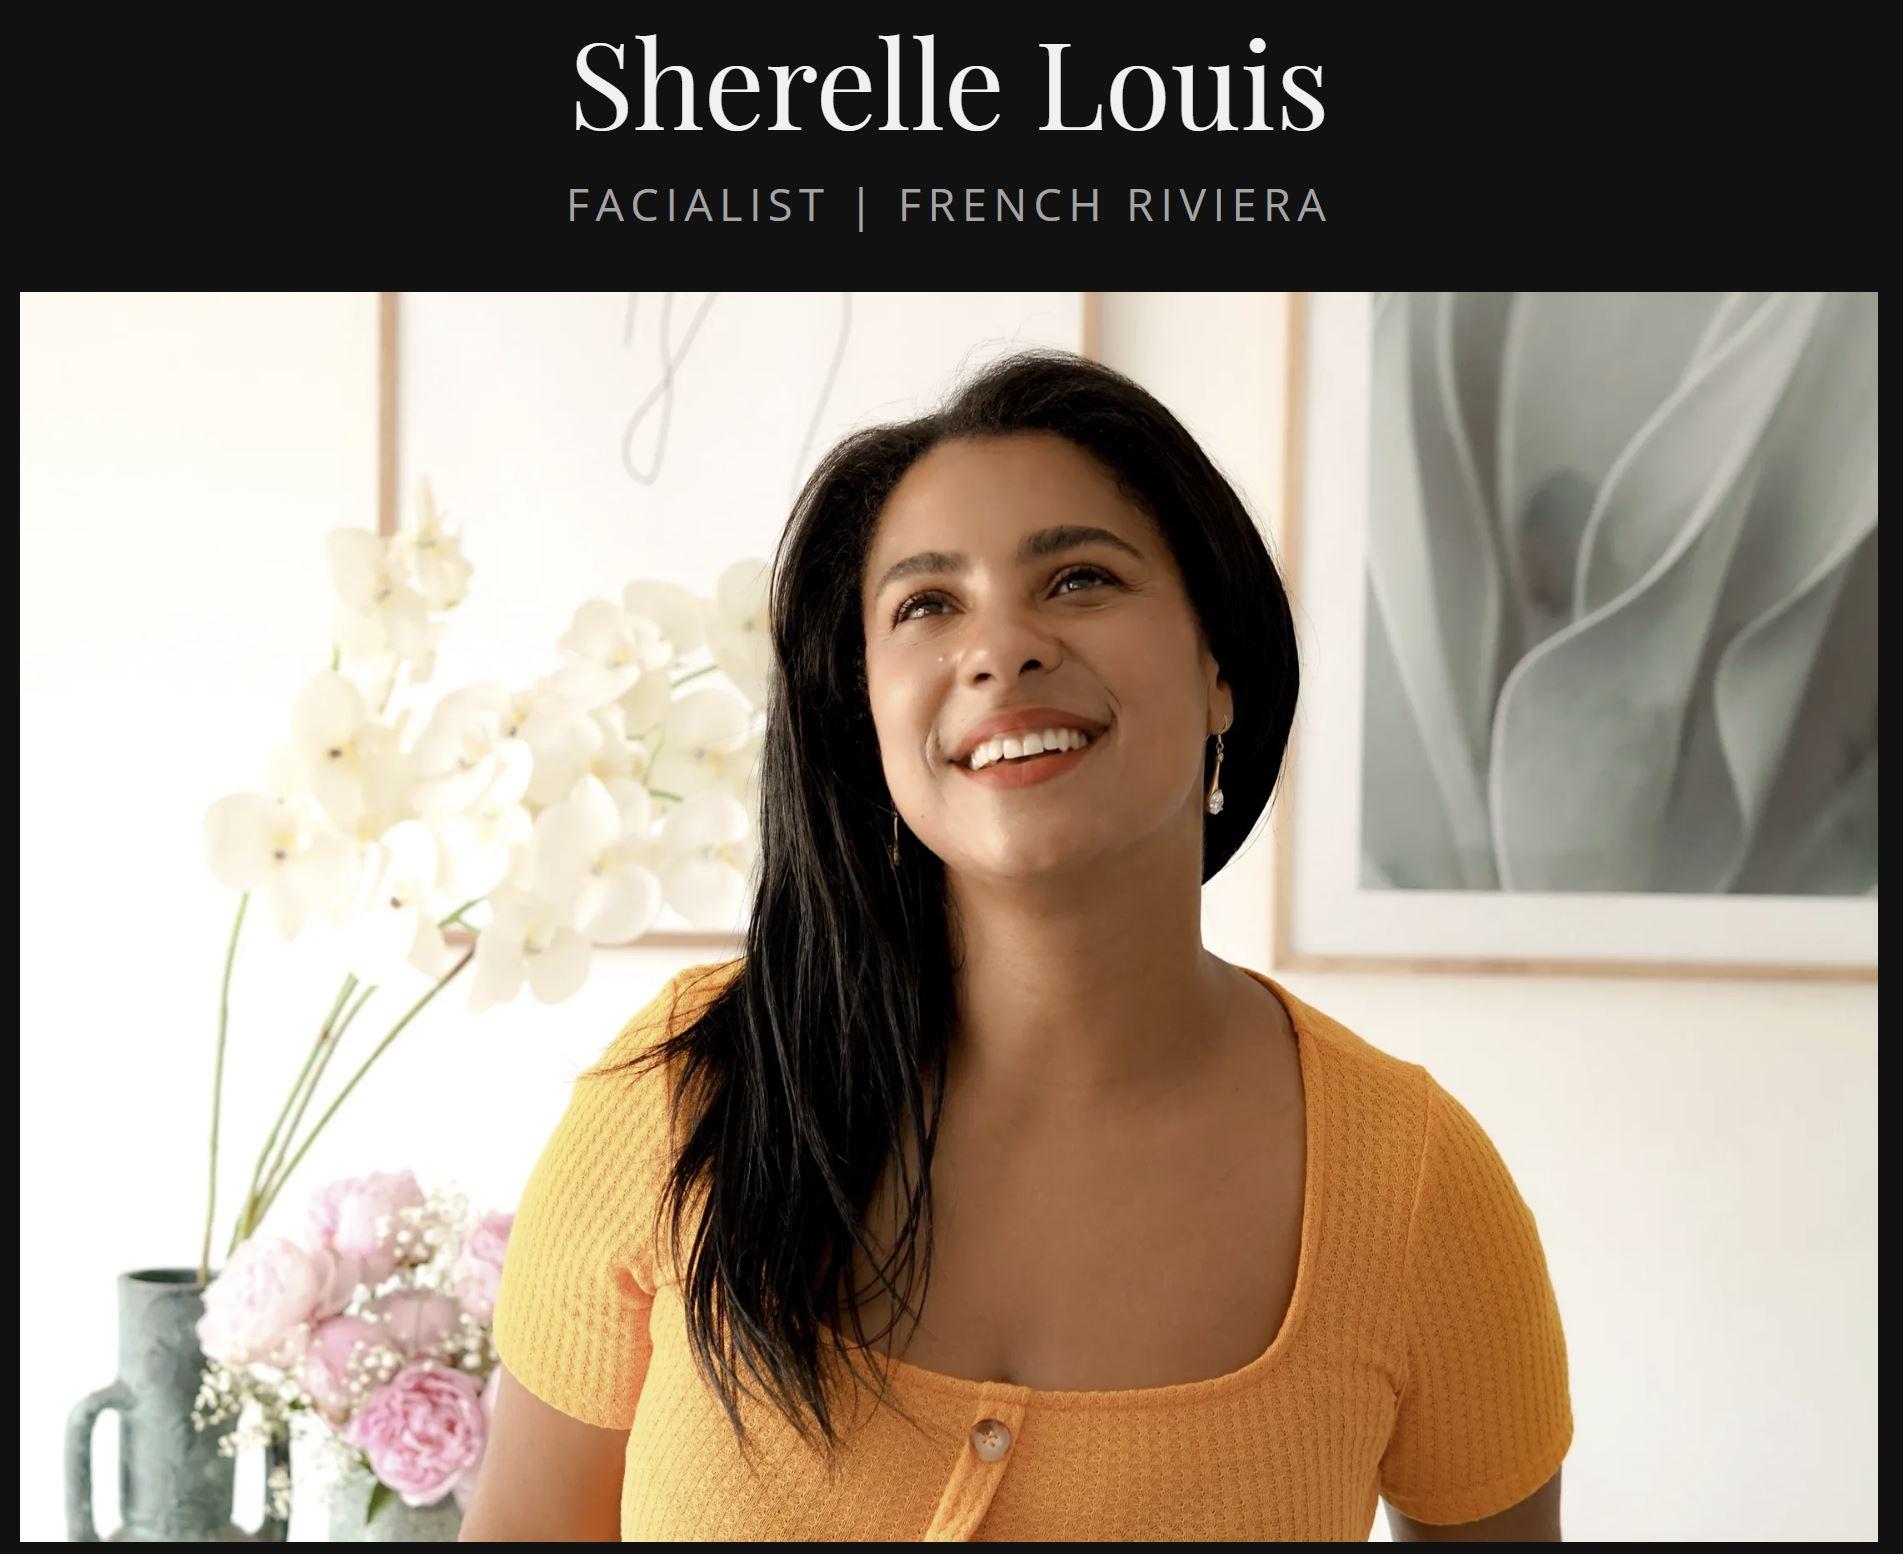 Sherelle Louis